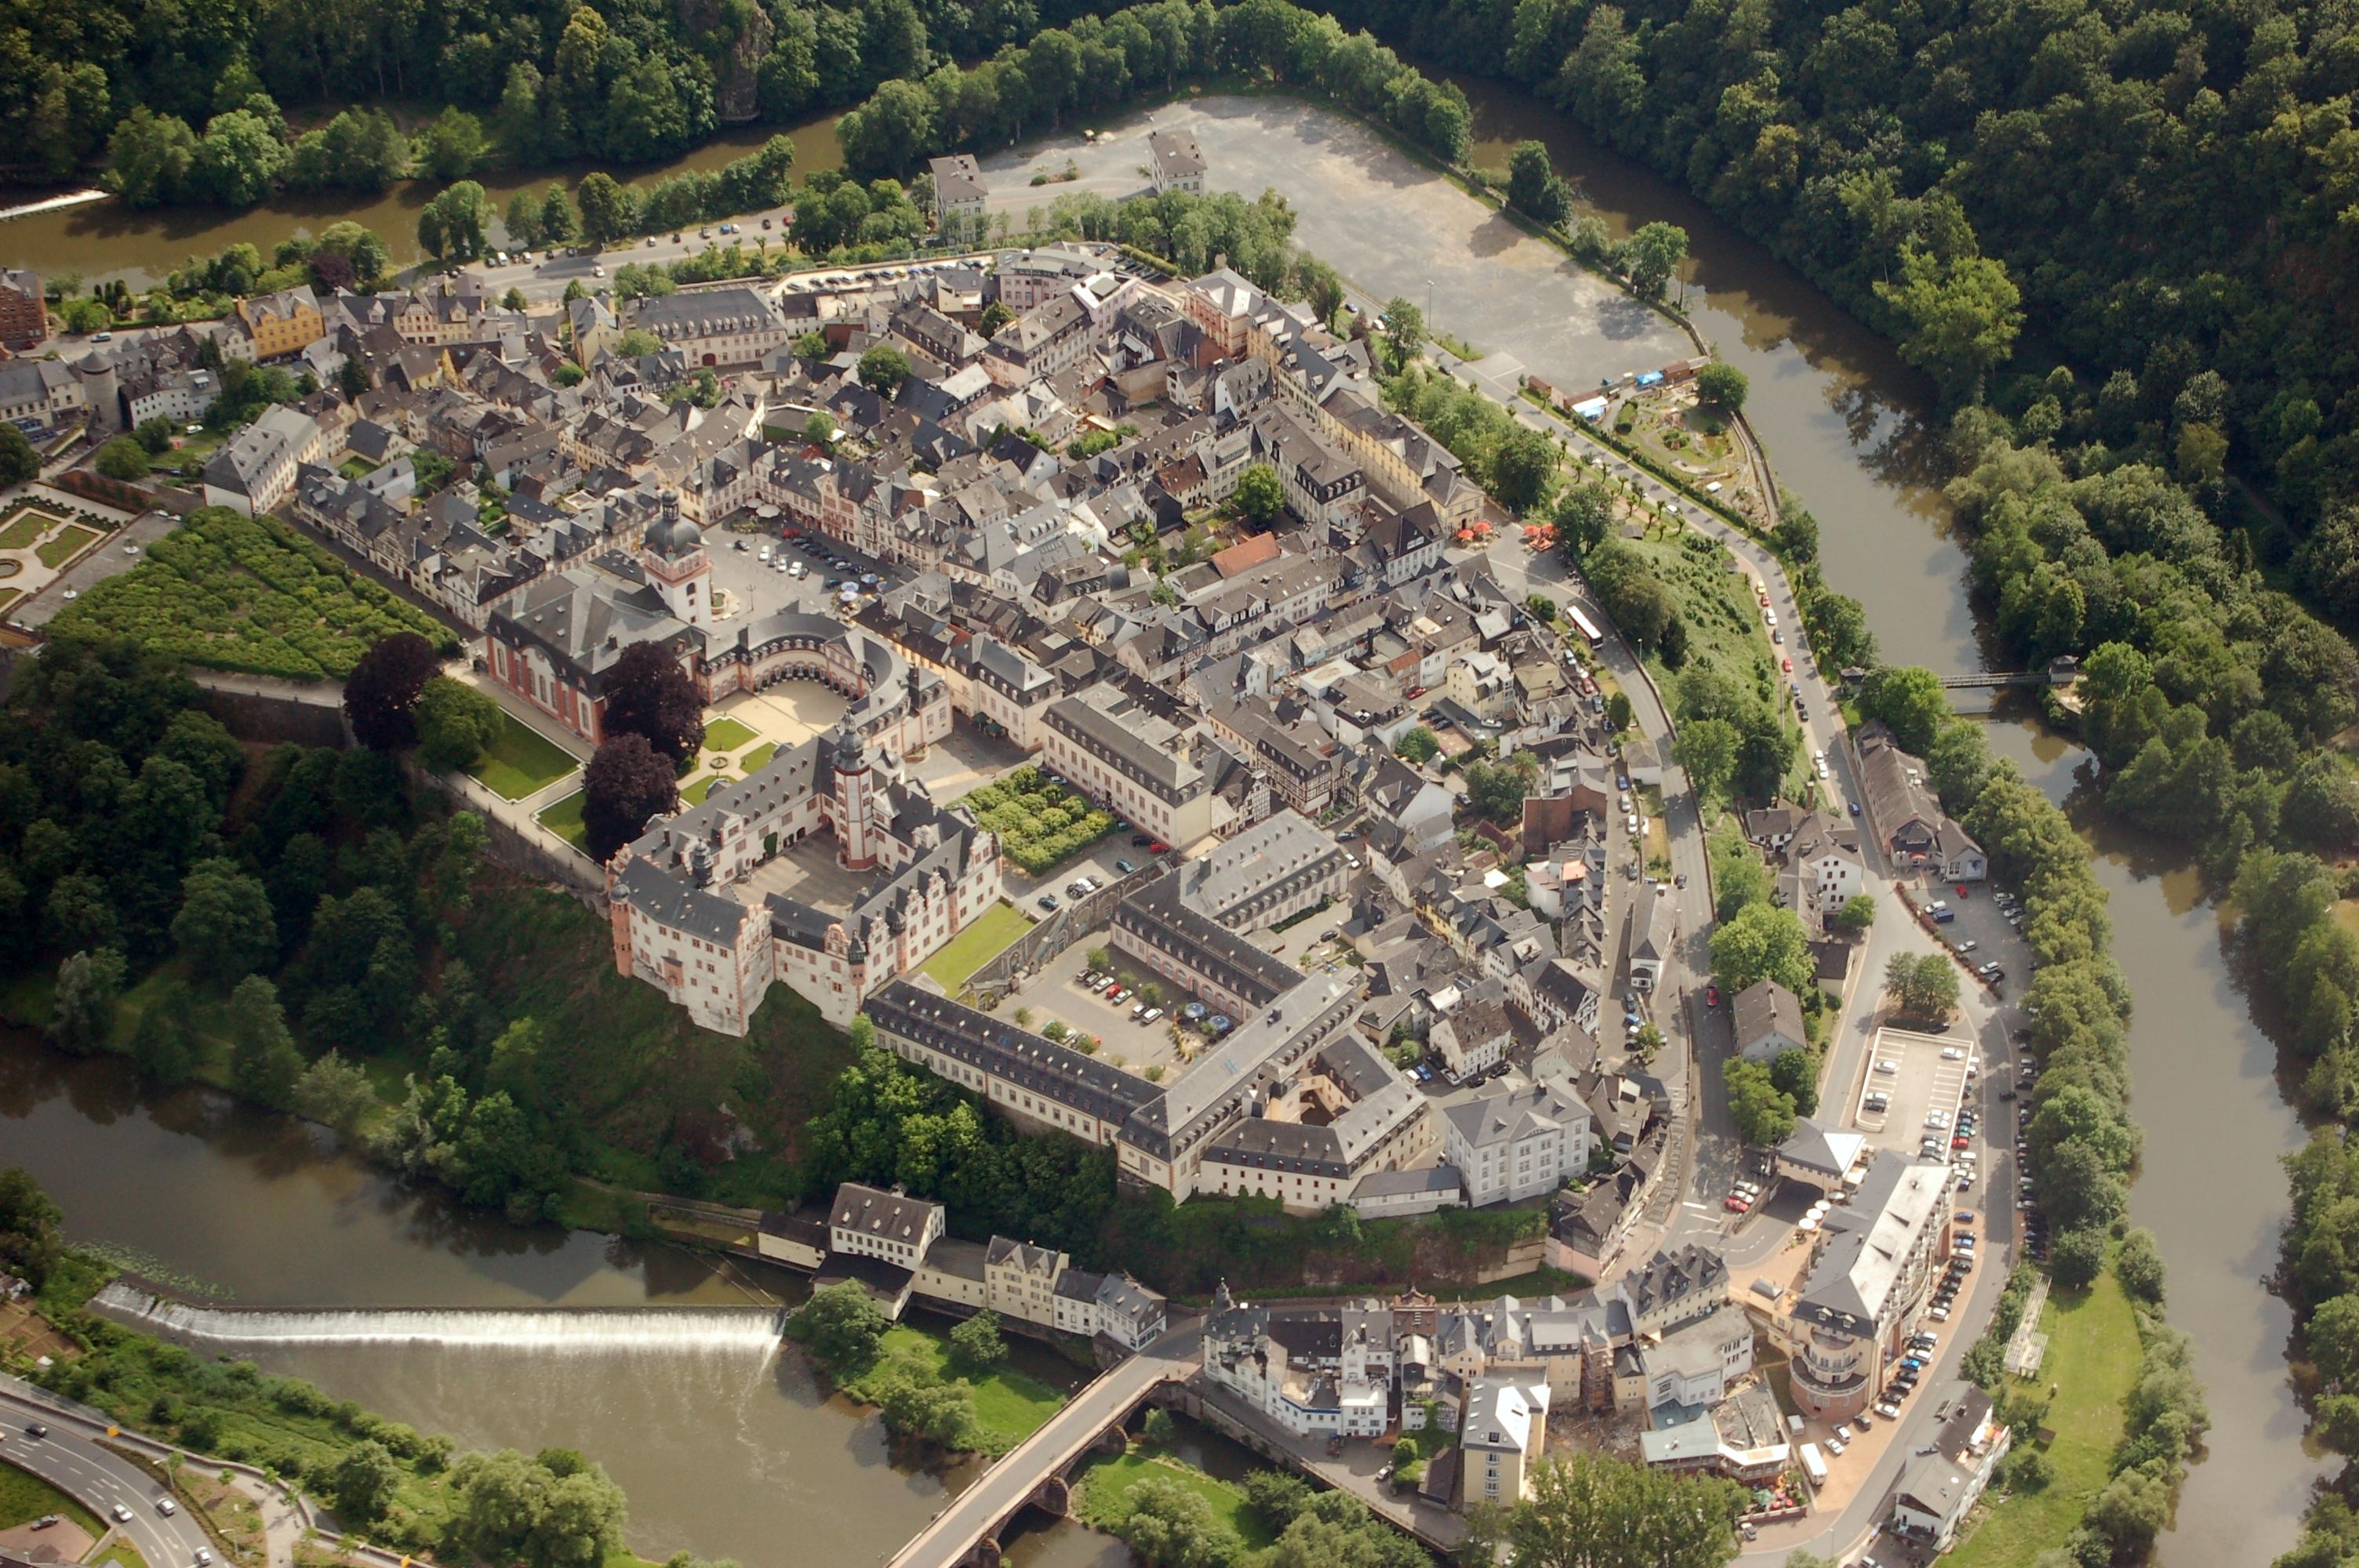 Luftbild von Weilburg. Die Bildrechte gehören Fritz Geller-Grimm.